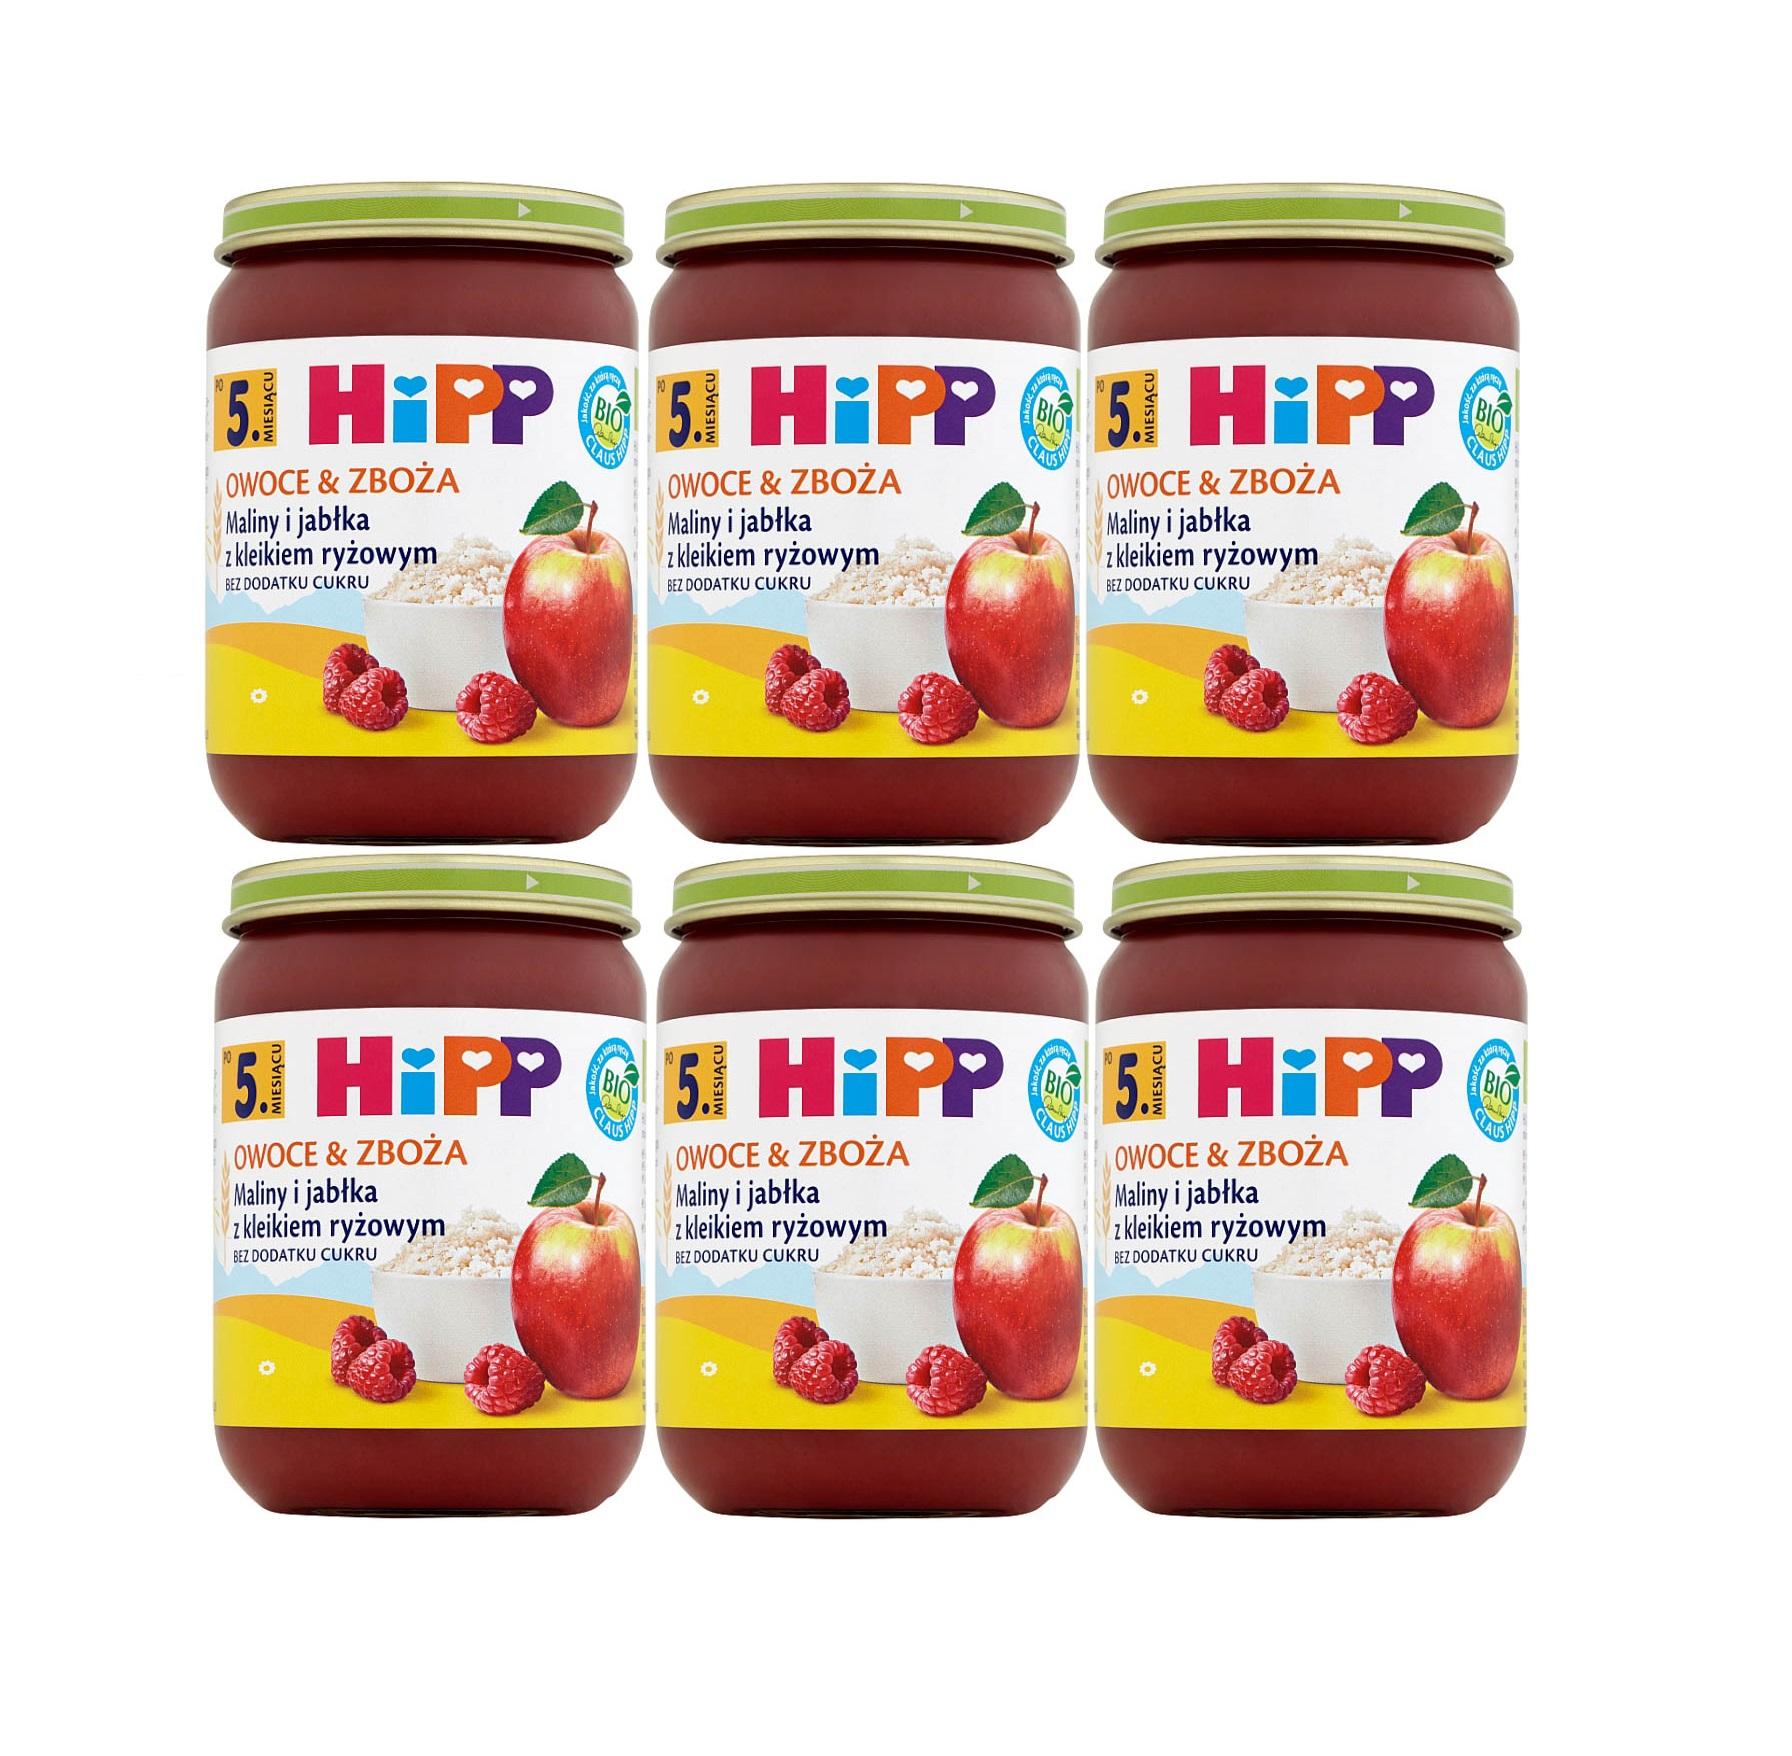 6 pak hipp 190 owoce&zboza maliny i jablka z kliekiem ryzowym